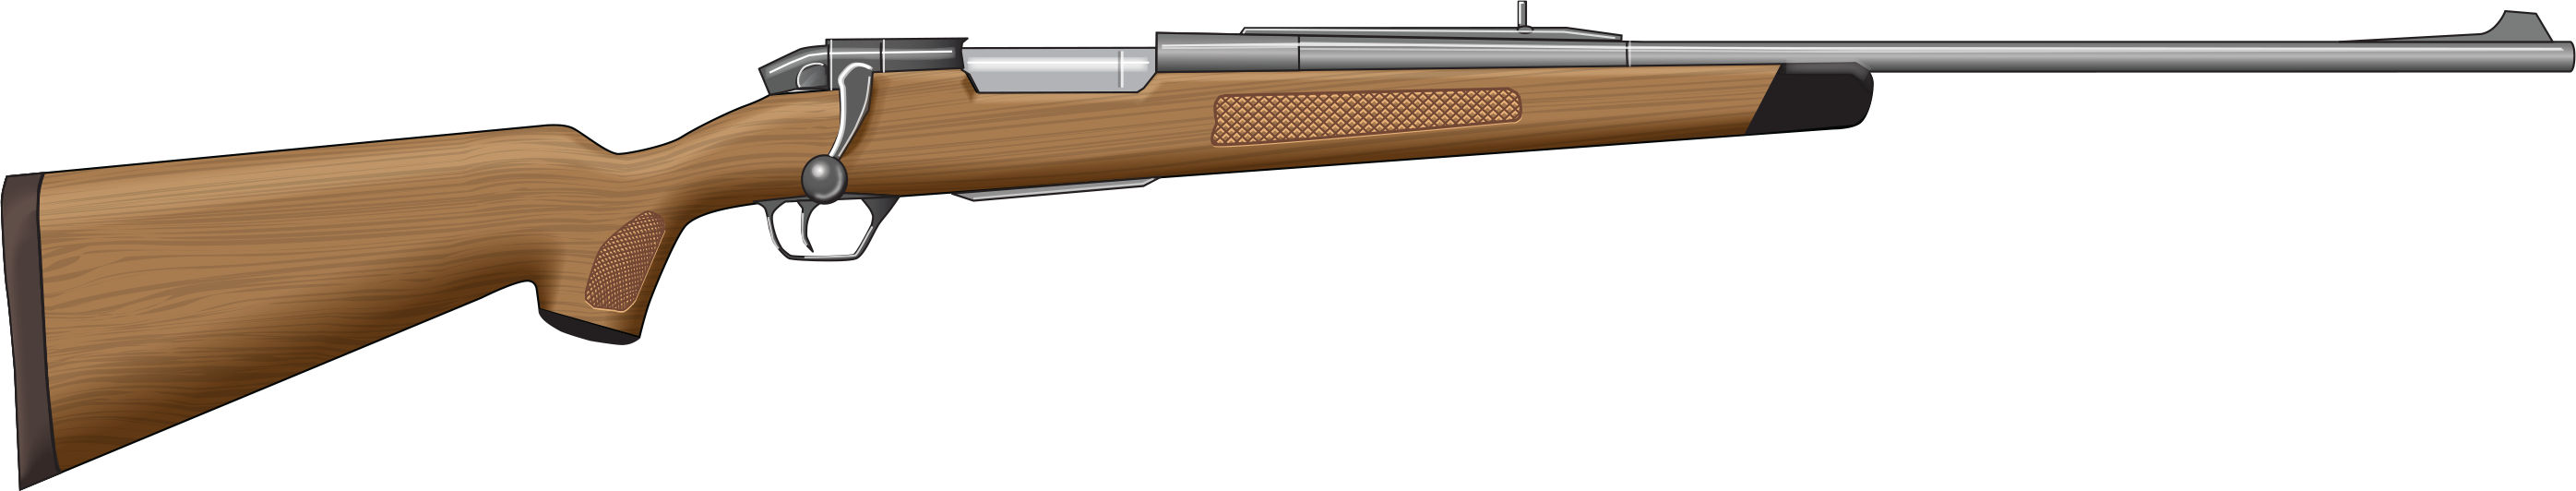 Clipart gun ww1 gun. Drawn rifle bolt action